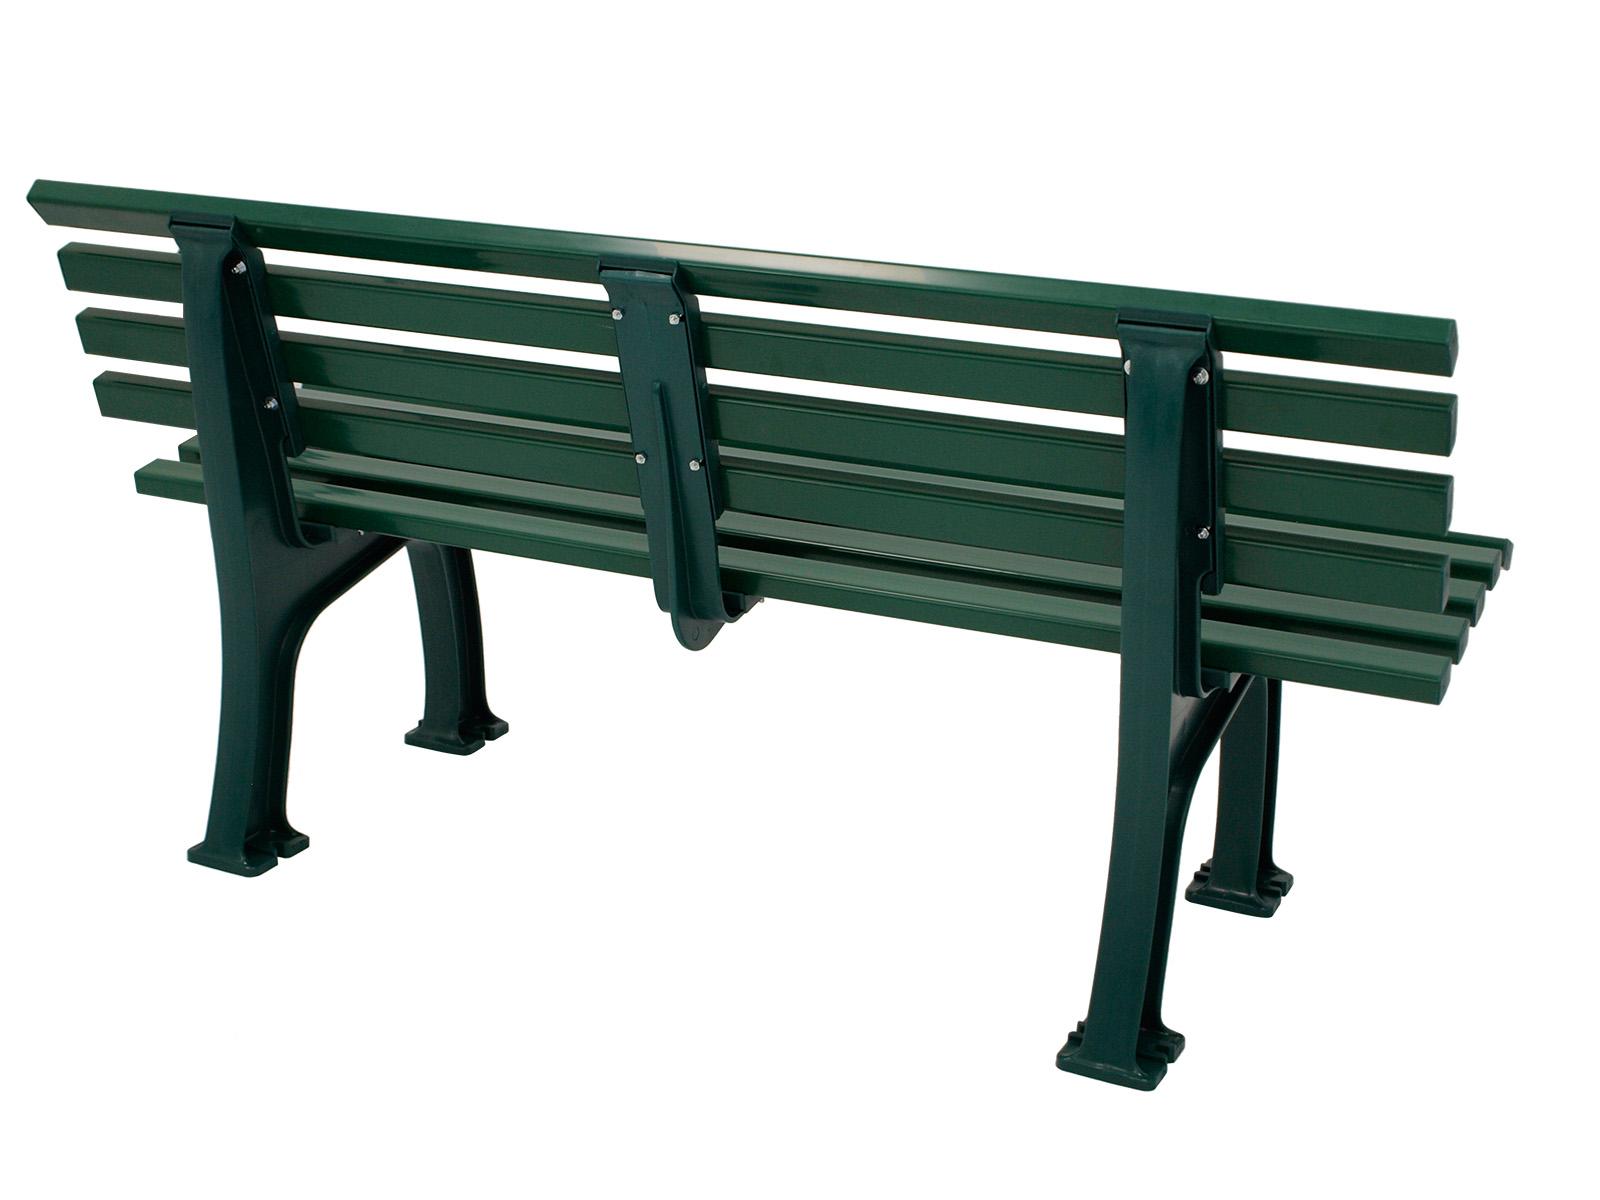 blome parkbank kunststoffbank sylt 3 sitzer 150cm kunststoff gr n wetterfest. Black Bedroom Furniture Sets. Home Design Ideas